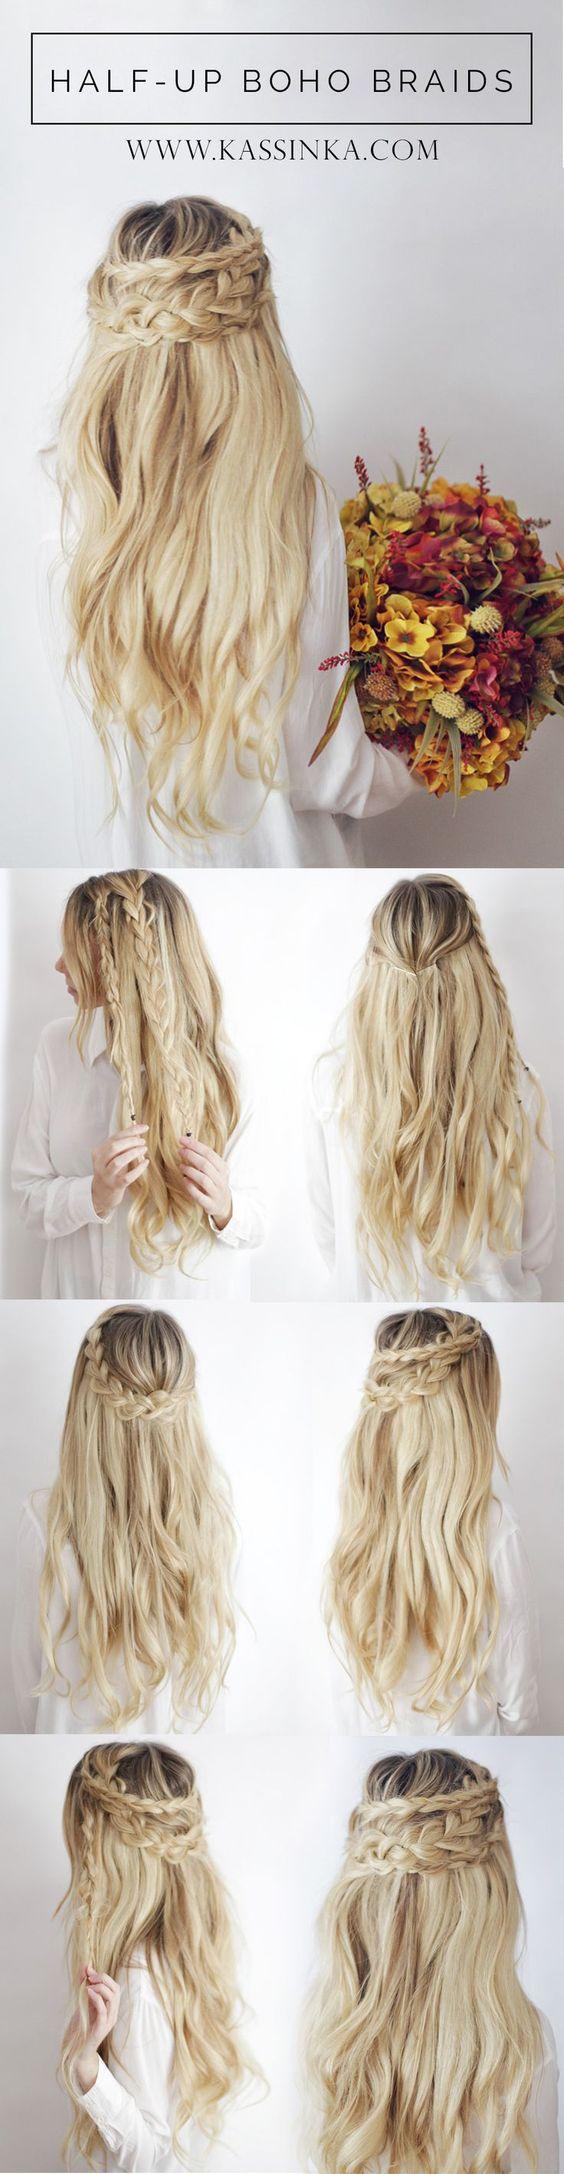 Peinado semirecogido con trenzas - Peinados Fáciles